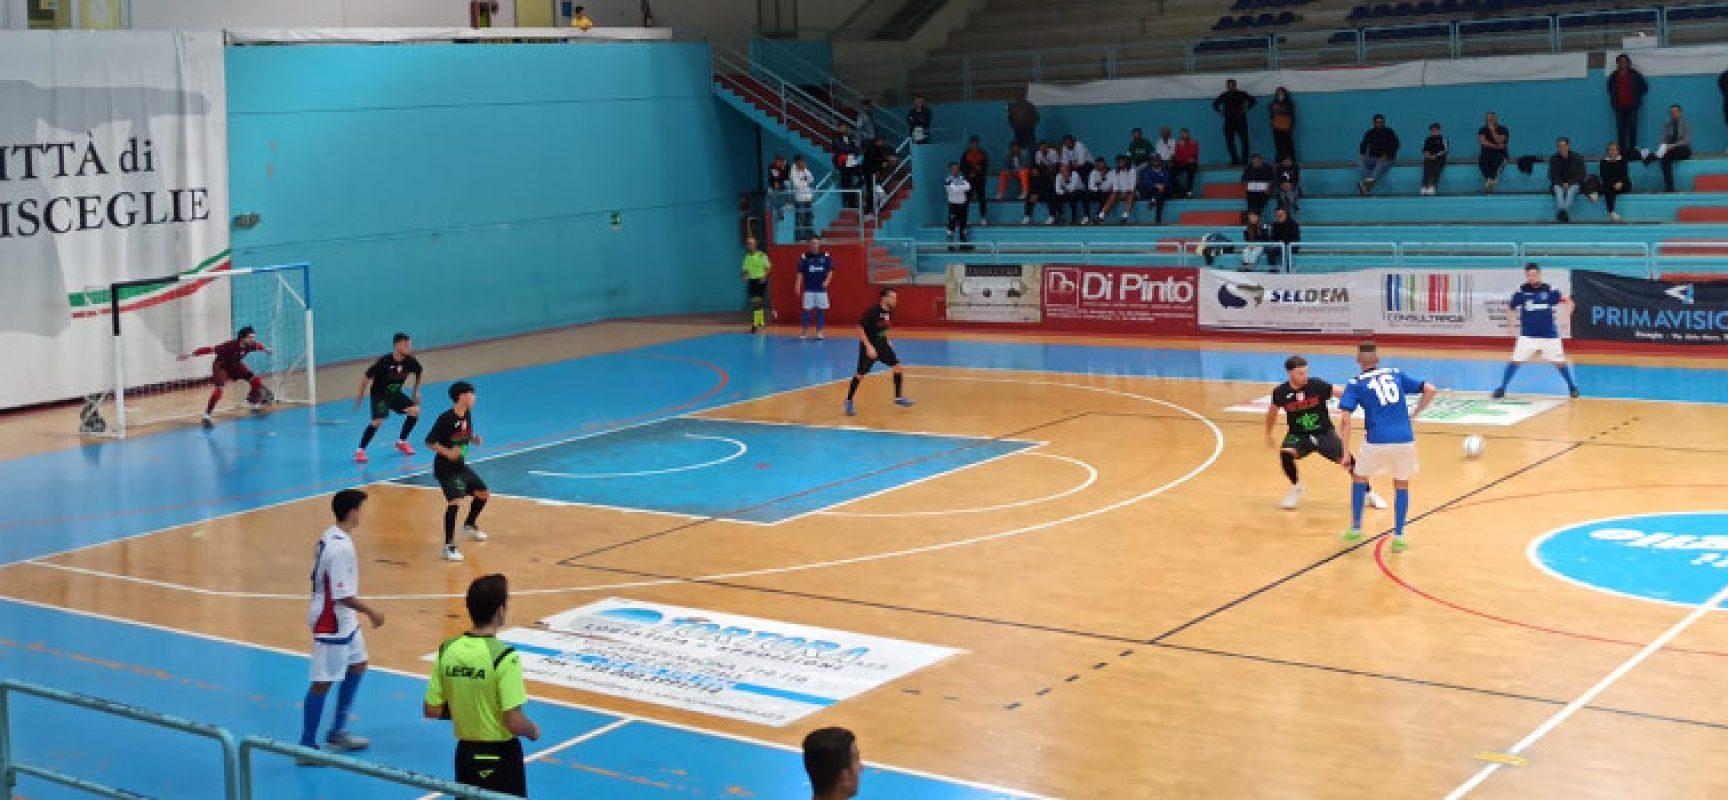 Calcio a 5, sconfitte per Diaz e Futbol Cinco / CLASSIFICHE